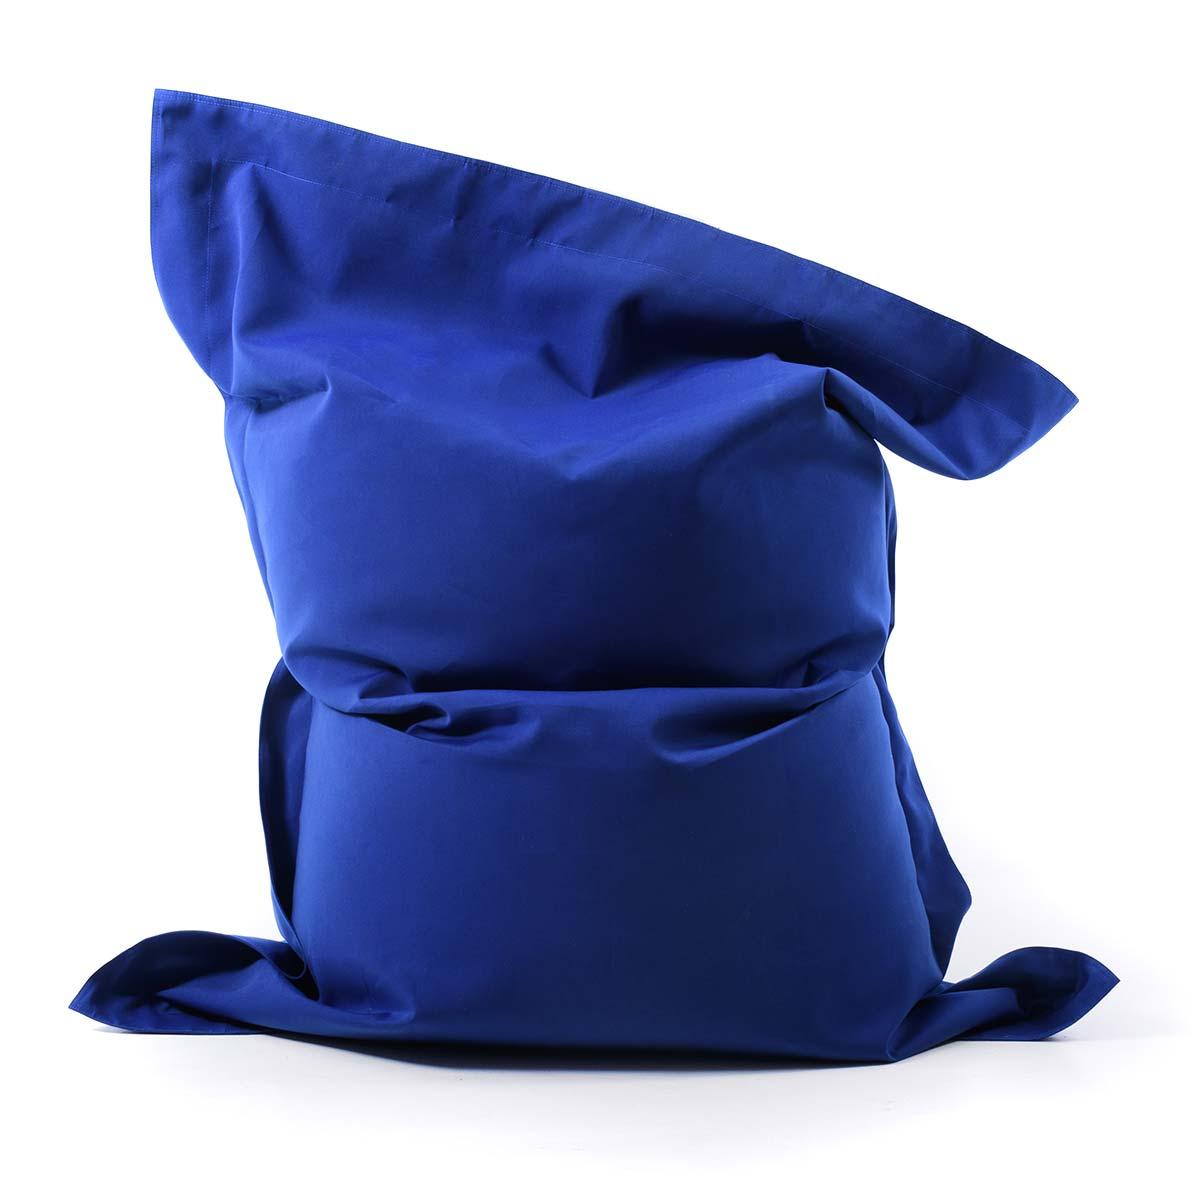 pouf geant bleu en voile de bateau